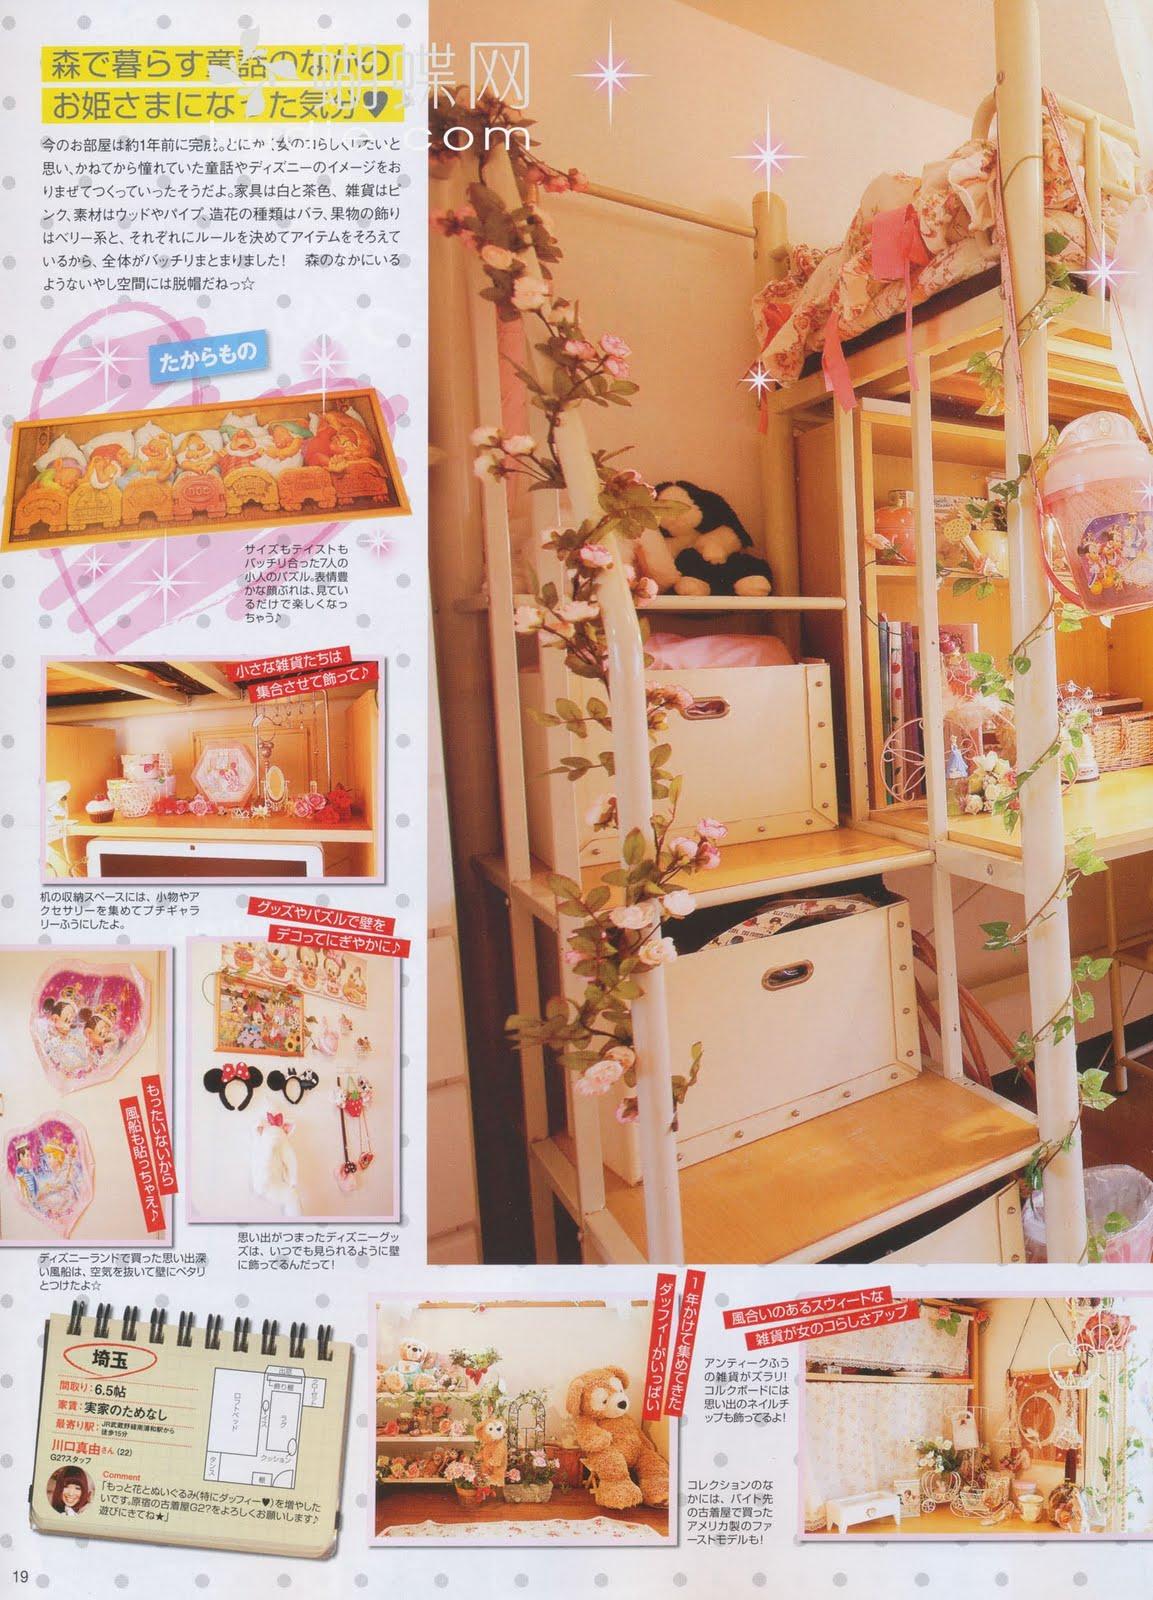 Day Care Website Jtl Web Design Home